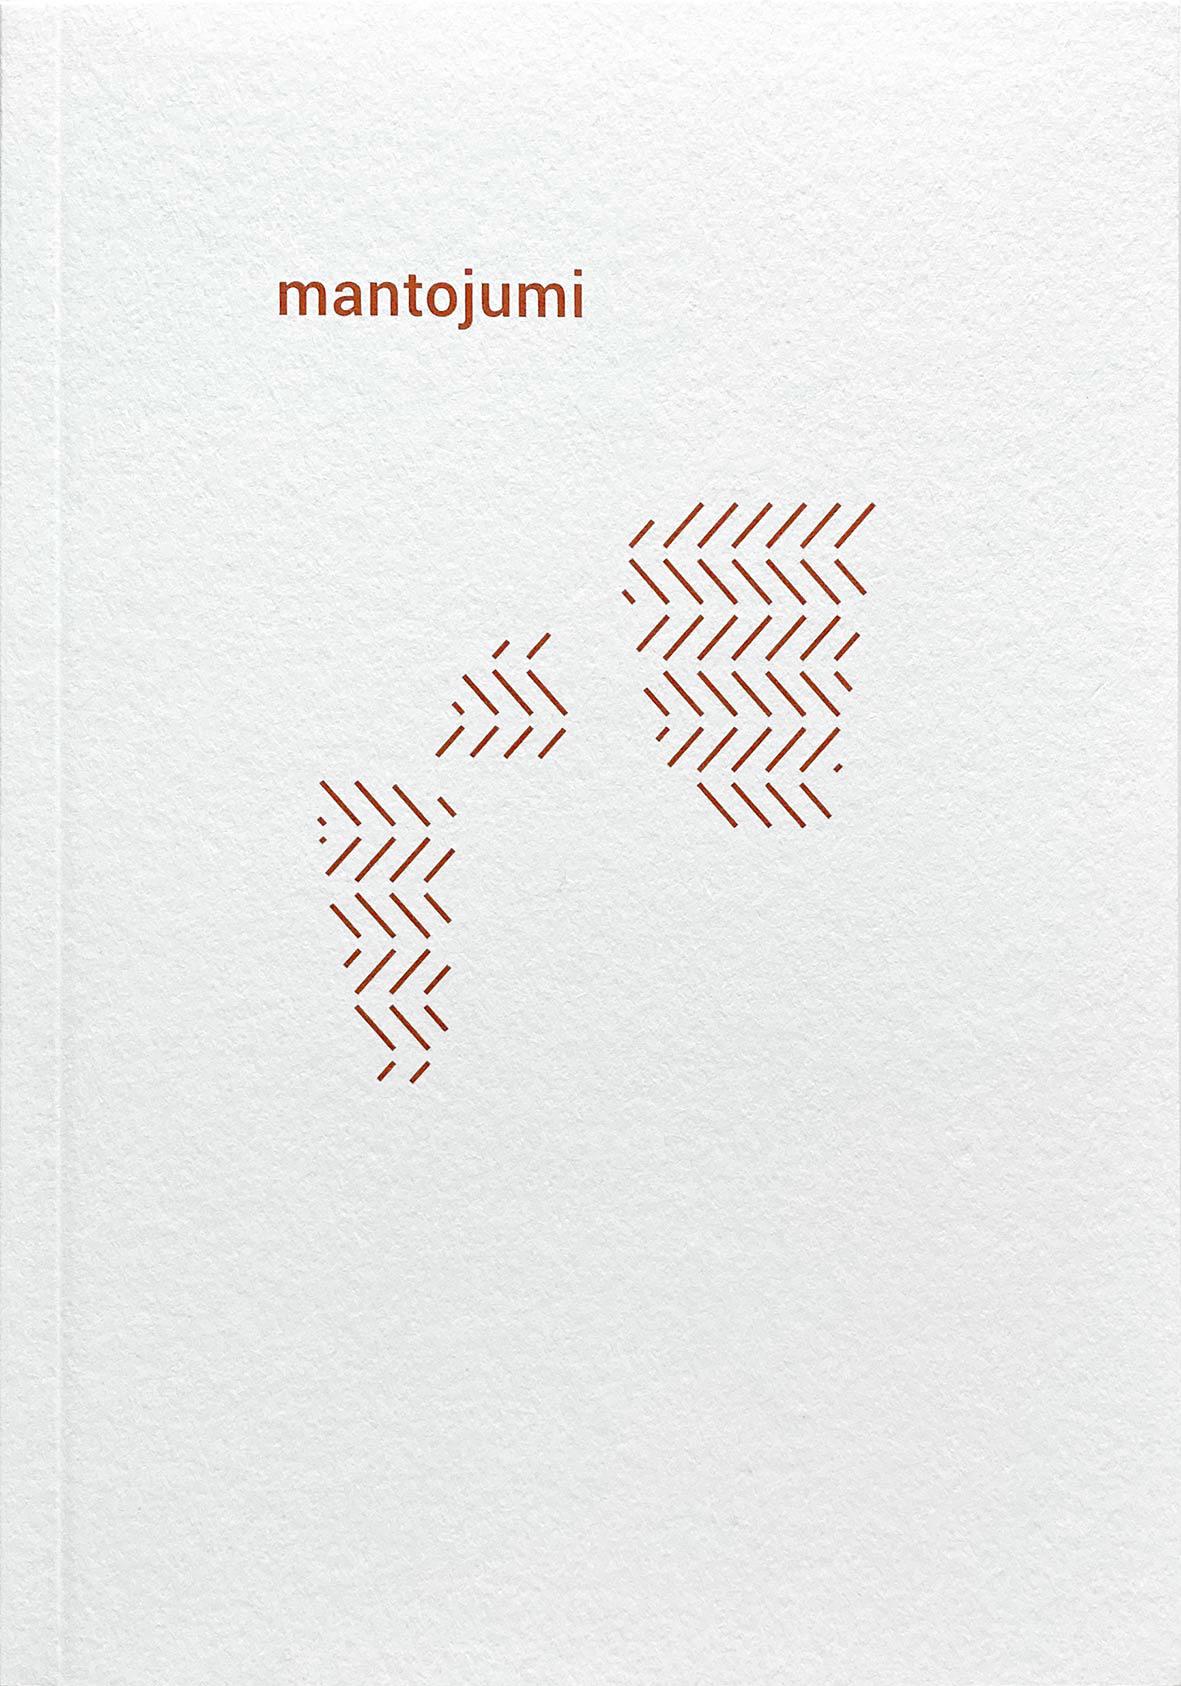 1564953-01v-Mantojumi.jpg